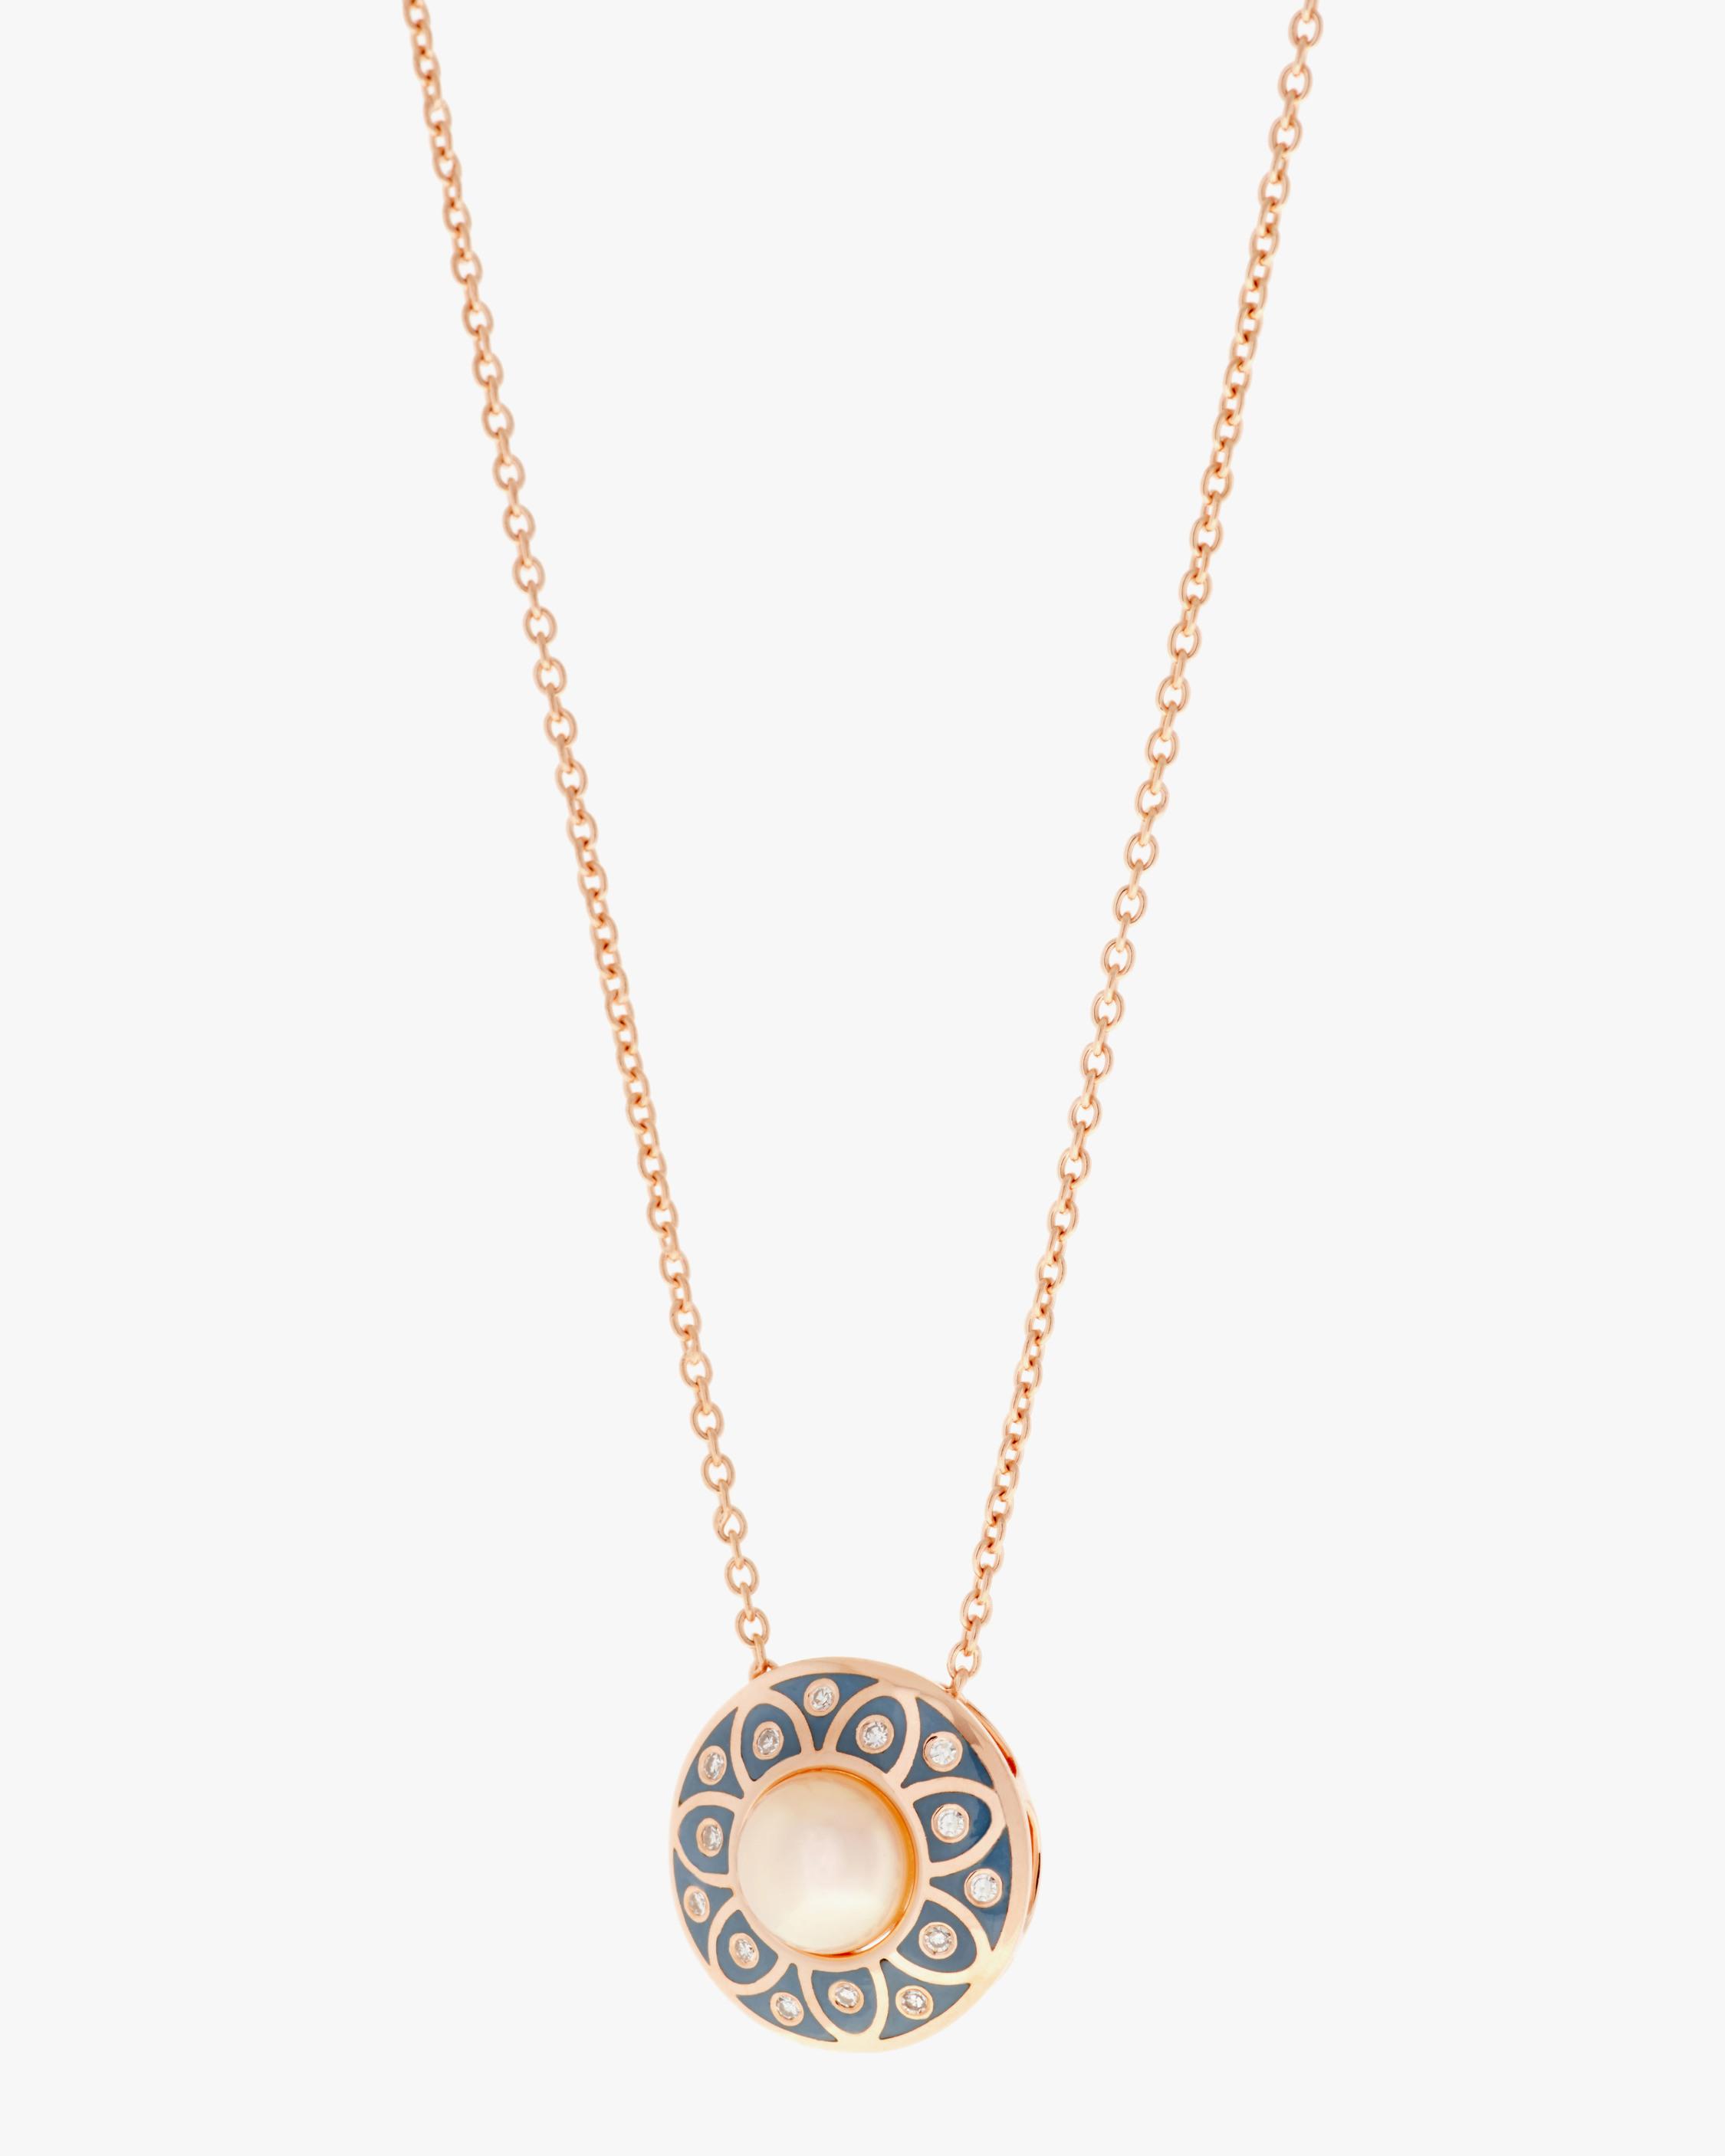 Selim Mouzannar Diamond & Pearl Pendant Necklace 0